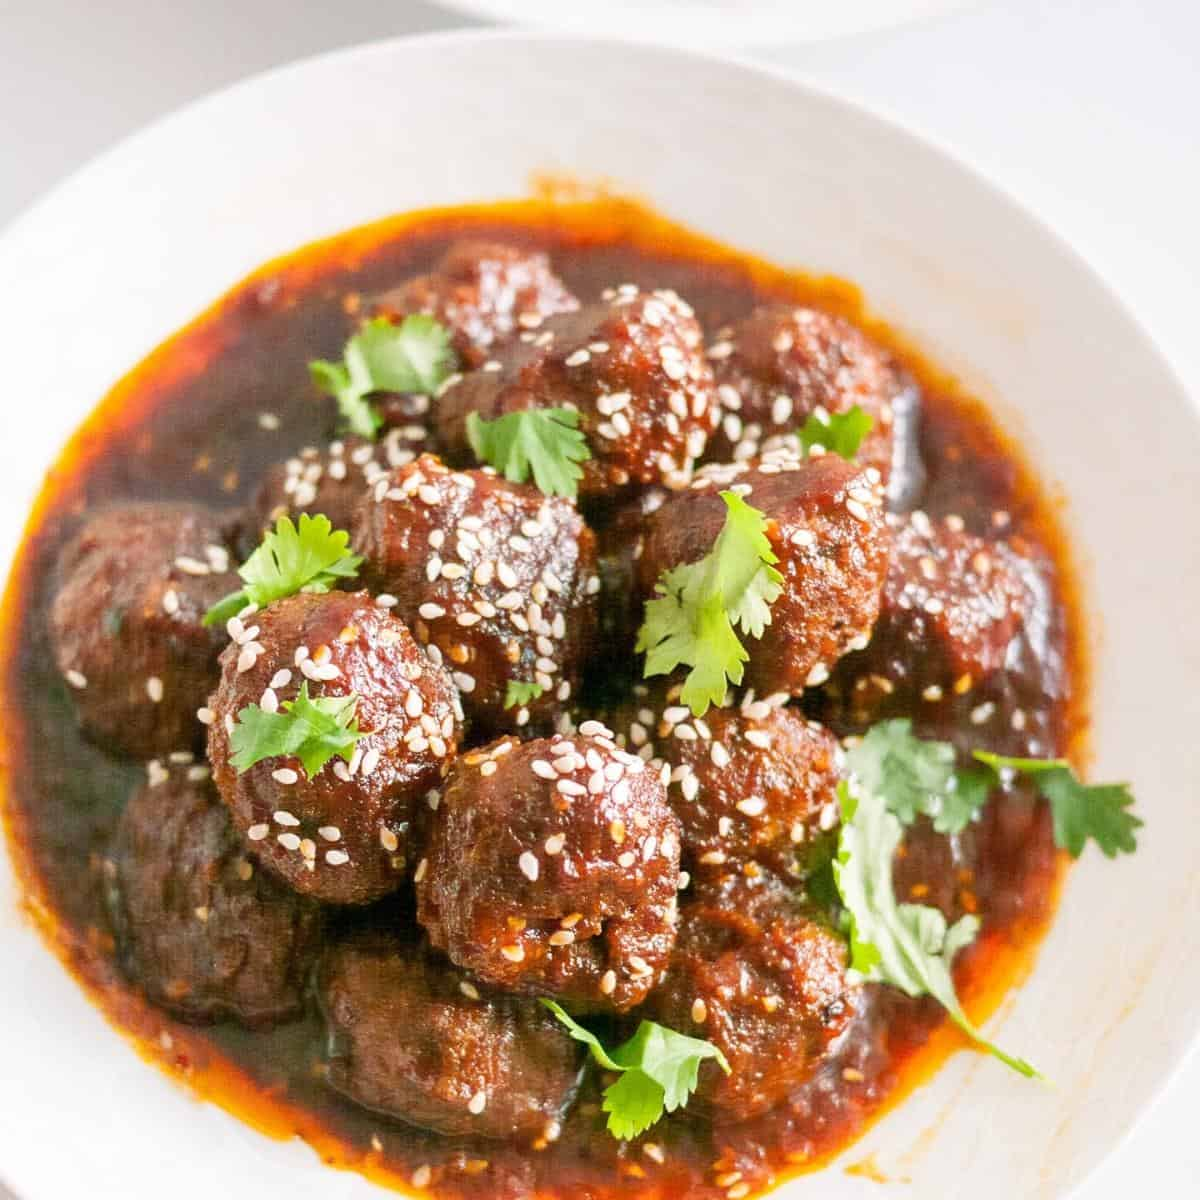 Mongolian meatballs in a bowl.